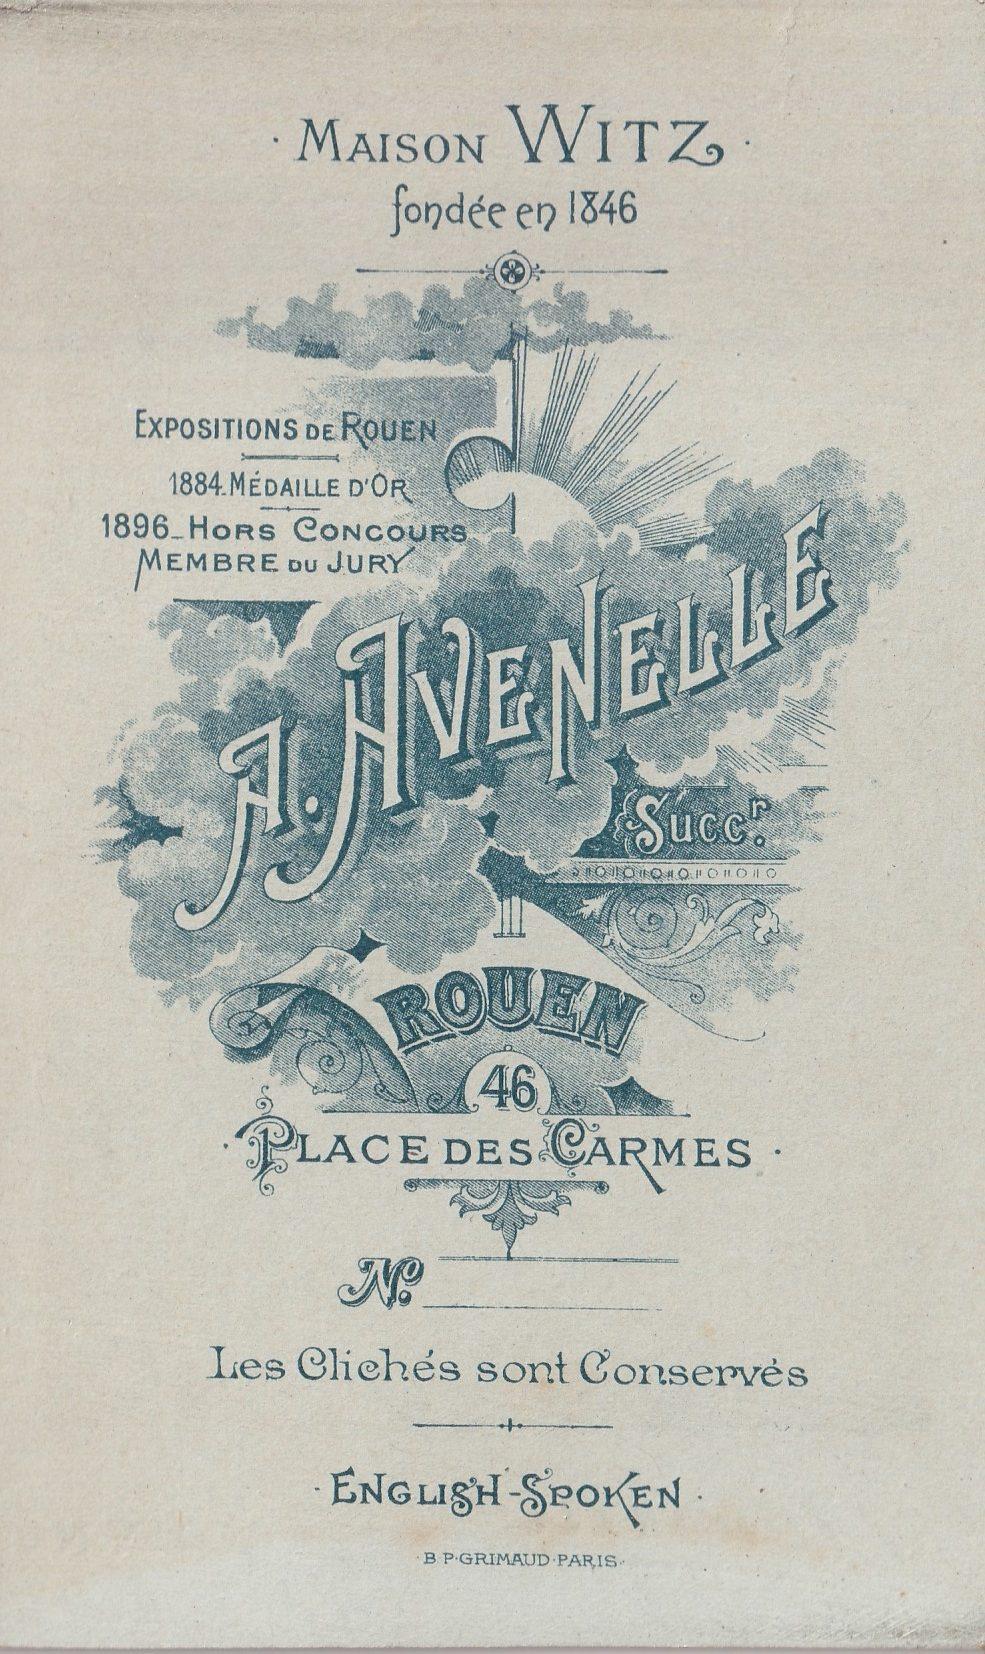 Album bfn Avenelle Jeanne épouse de Arthur Buchy page  photo  verso rotated